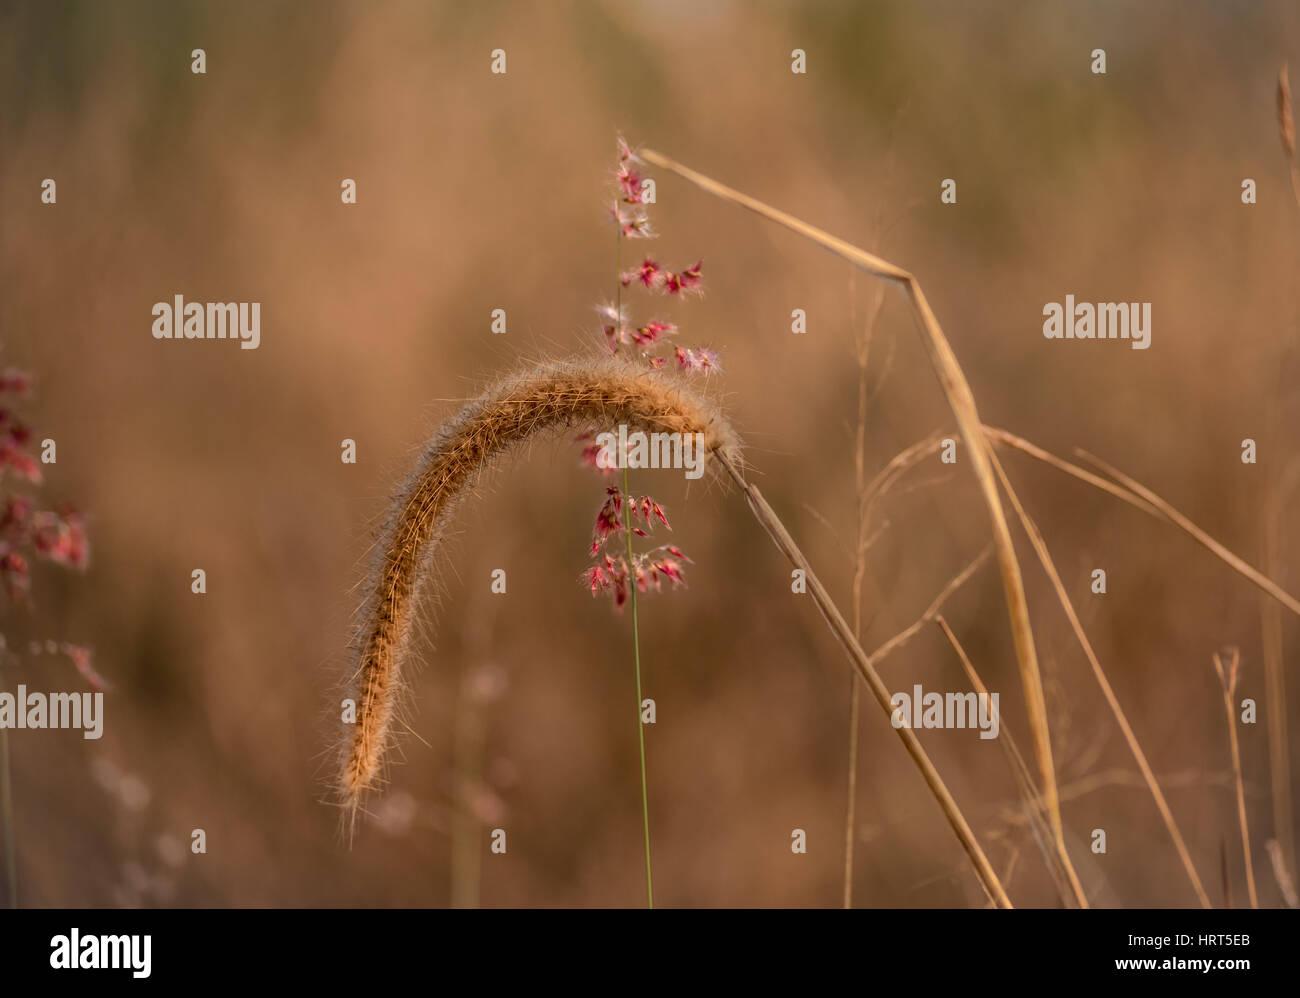 La beauté dans la simplicité Photo Stock